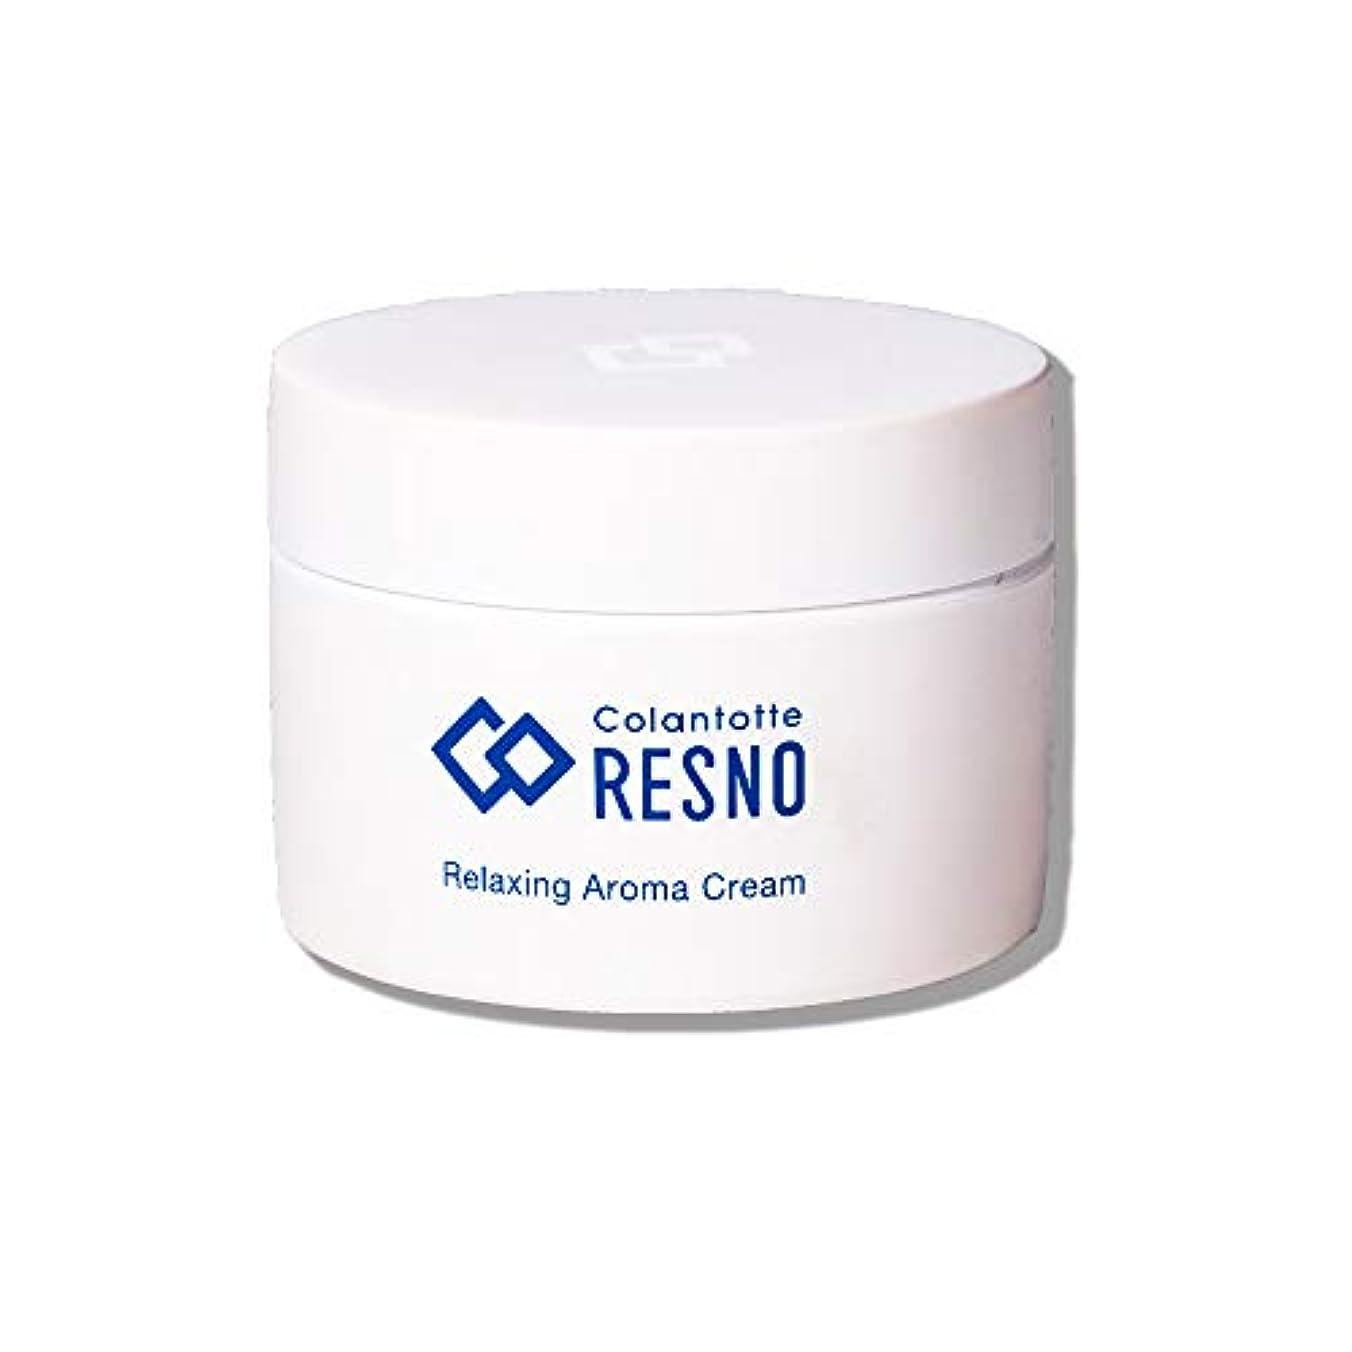 資源休眠仲良しコラントッテ RESNO リラクシング アロマ クリーム 50g colantotte RELAXING AROMA CREAM ボディクリーム